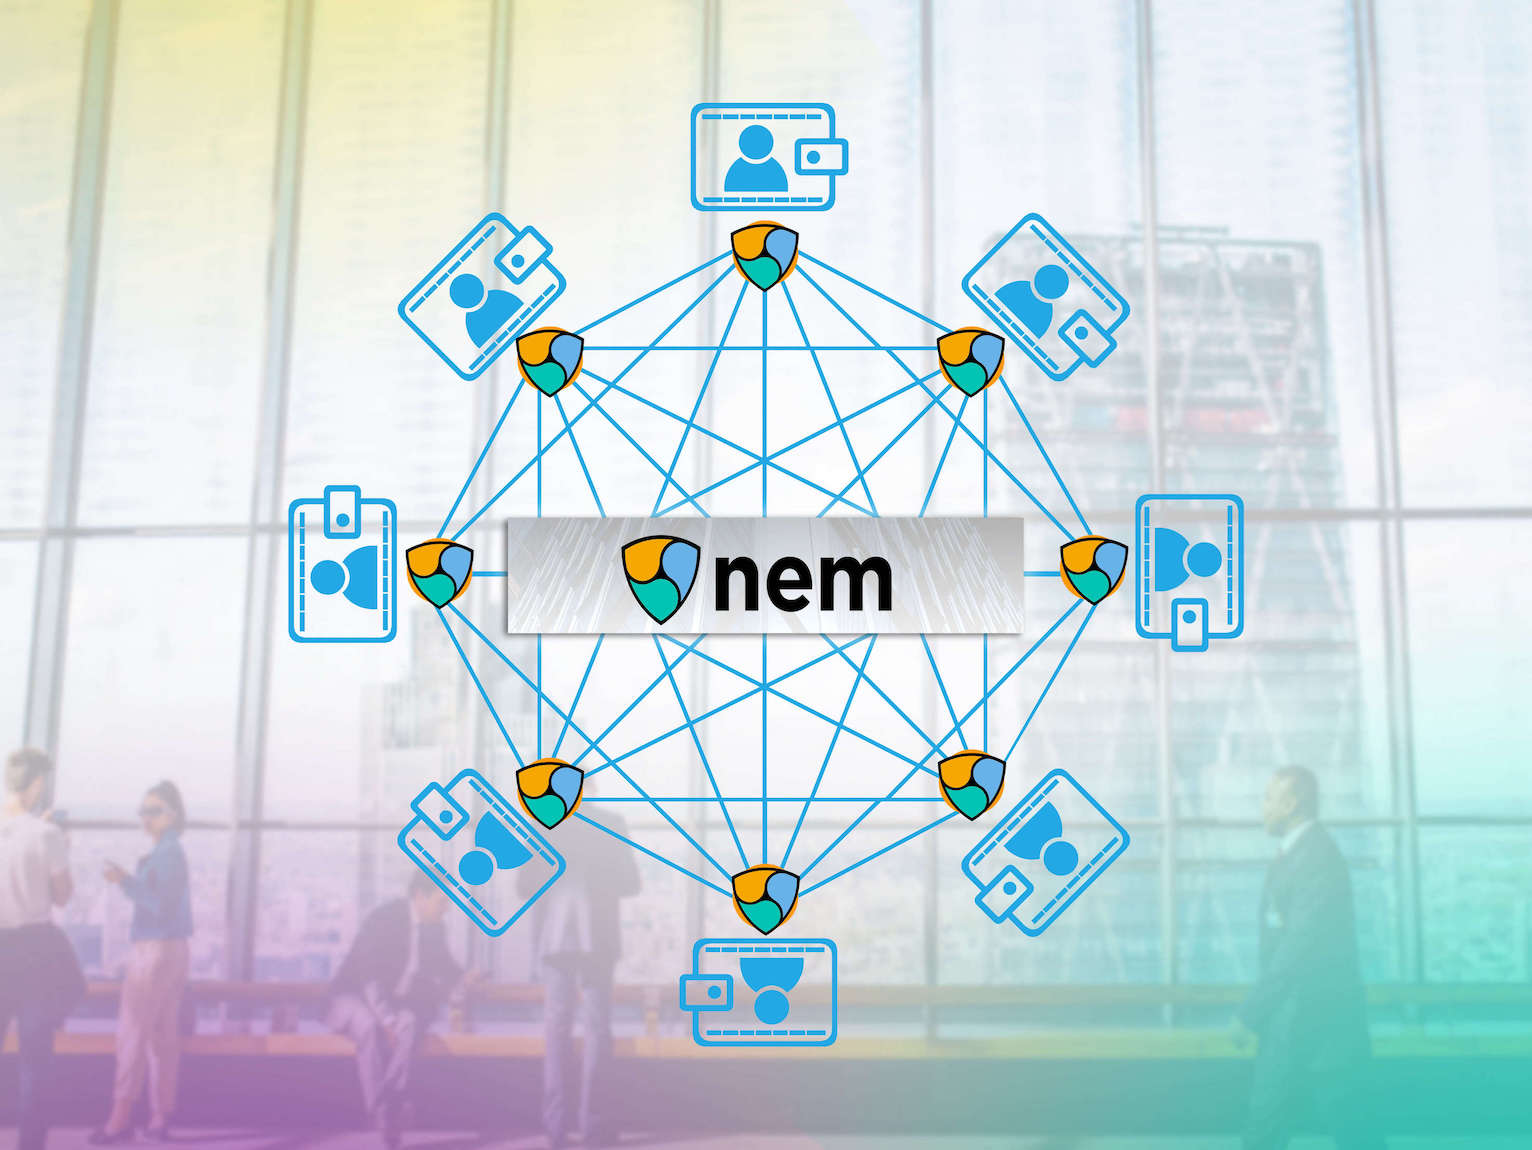 仮想通貨ネム(NEM/XEM)とは?特徴を初心者にもわかりやすく解説